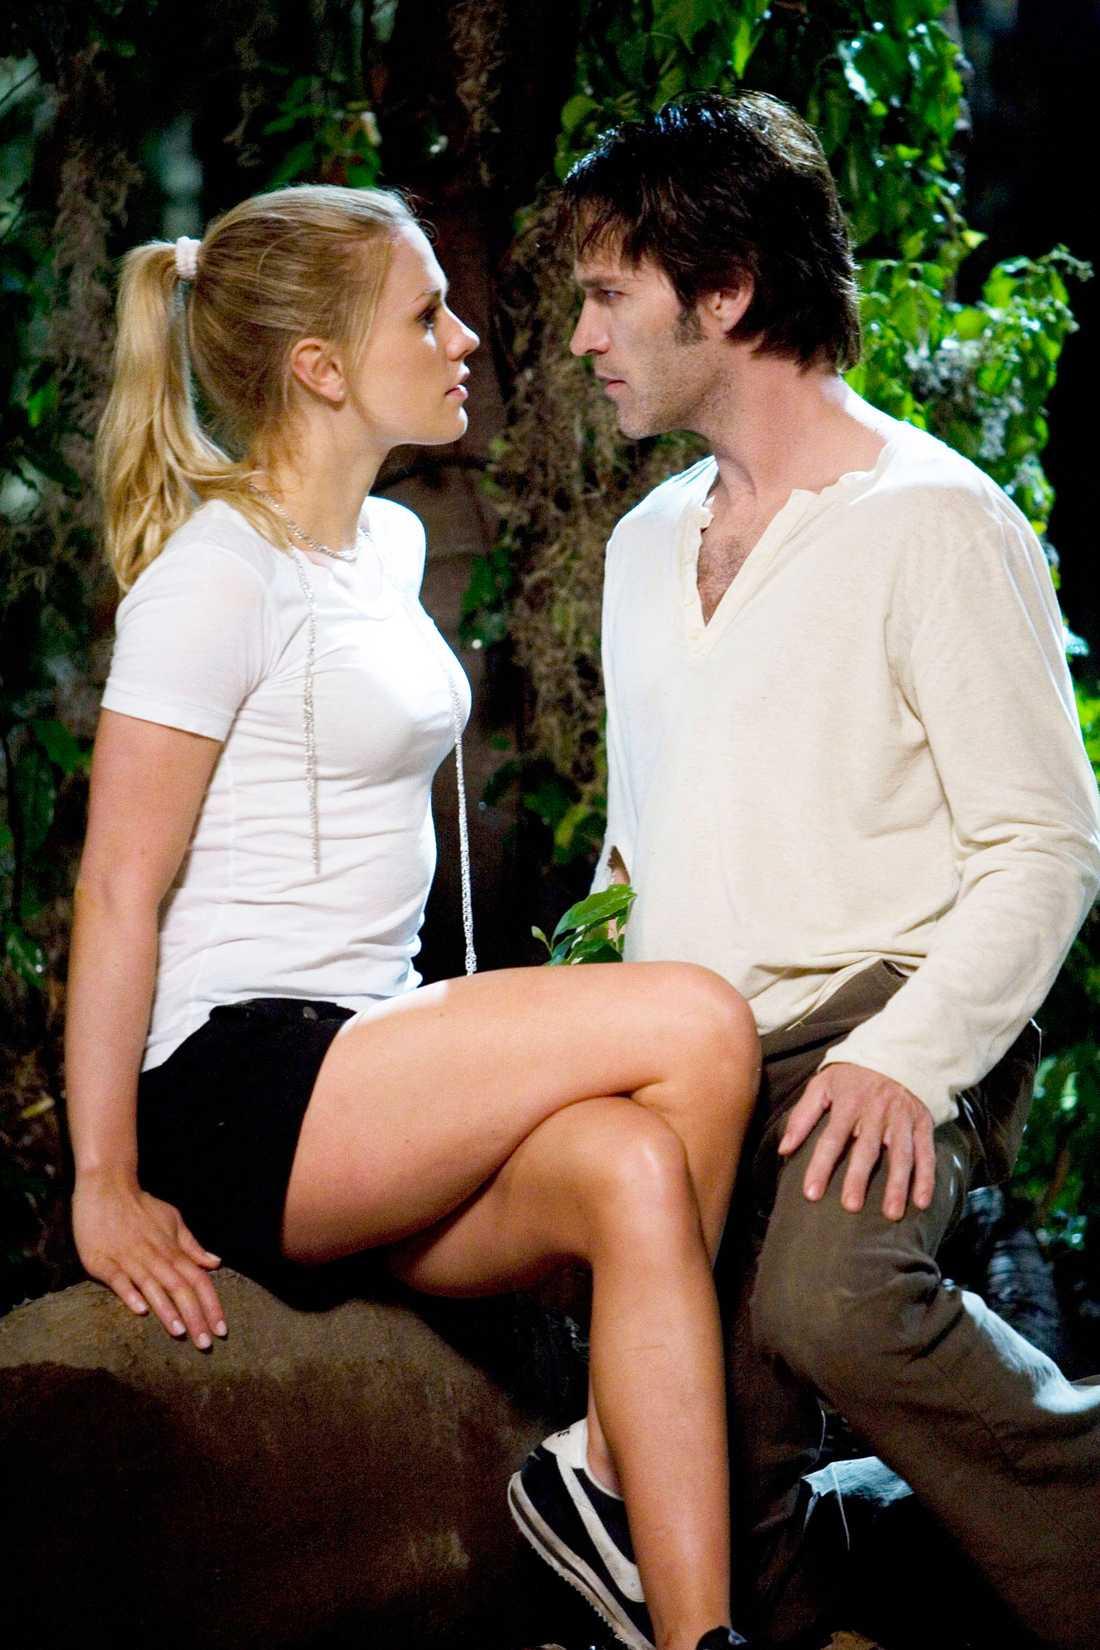 Anna Paquin och Stephen Moyer spelar huvudrollerna i serien.